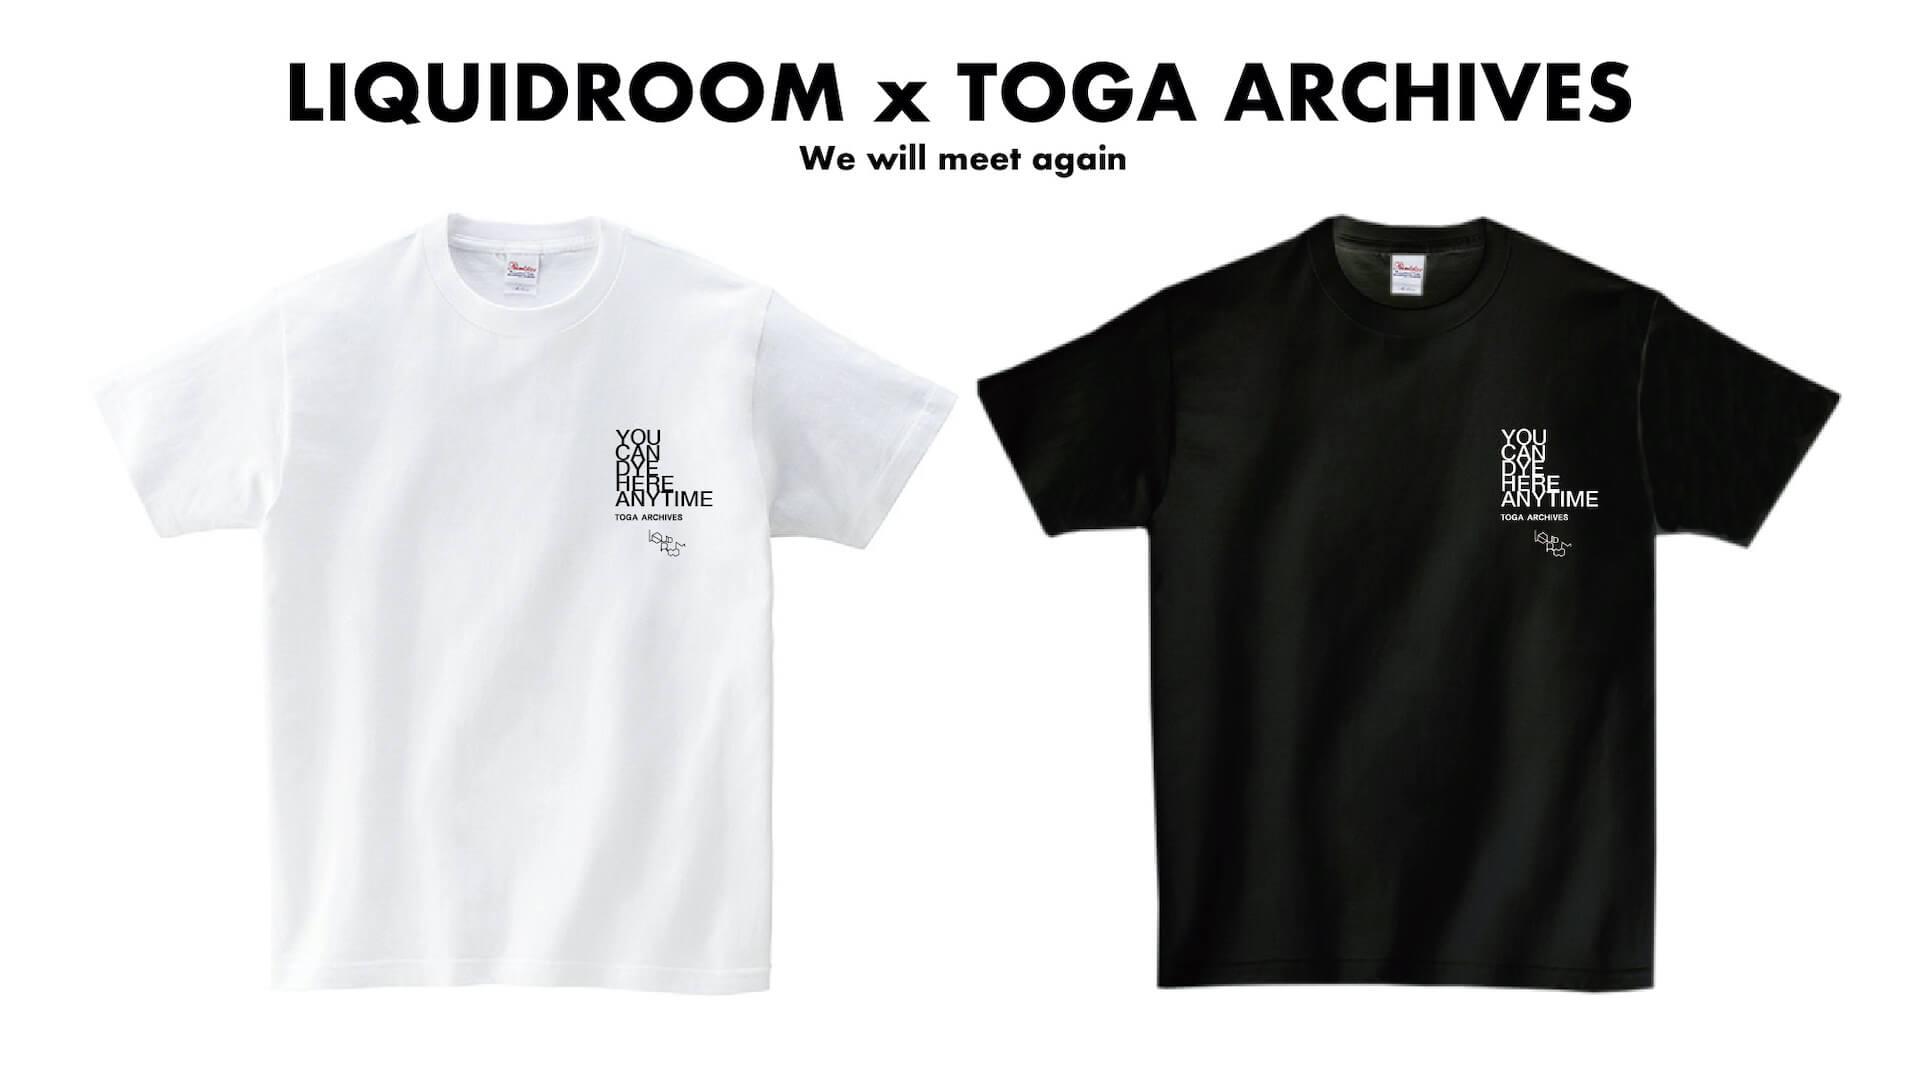 LIQUIDROOMのコラボTプロジェクトにMaurice Fulton、〈TOGA ARCHIVES〉の2組が登場!ニヤリなメッセージに注目です music200702-liquidroom-wwma-2